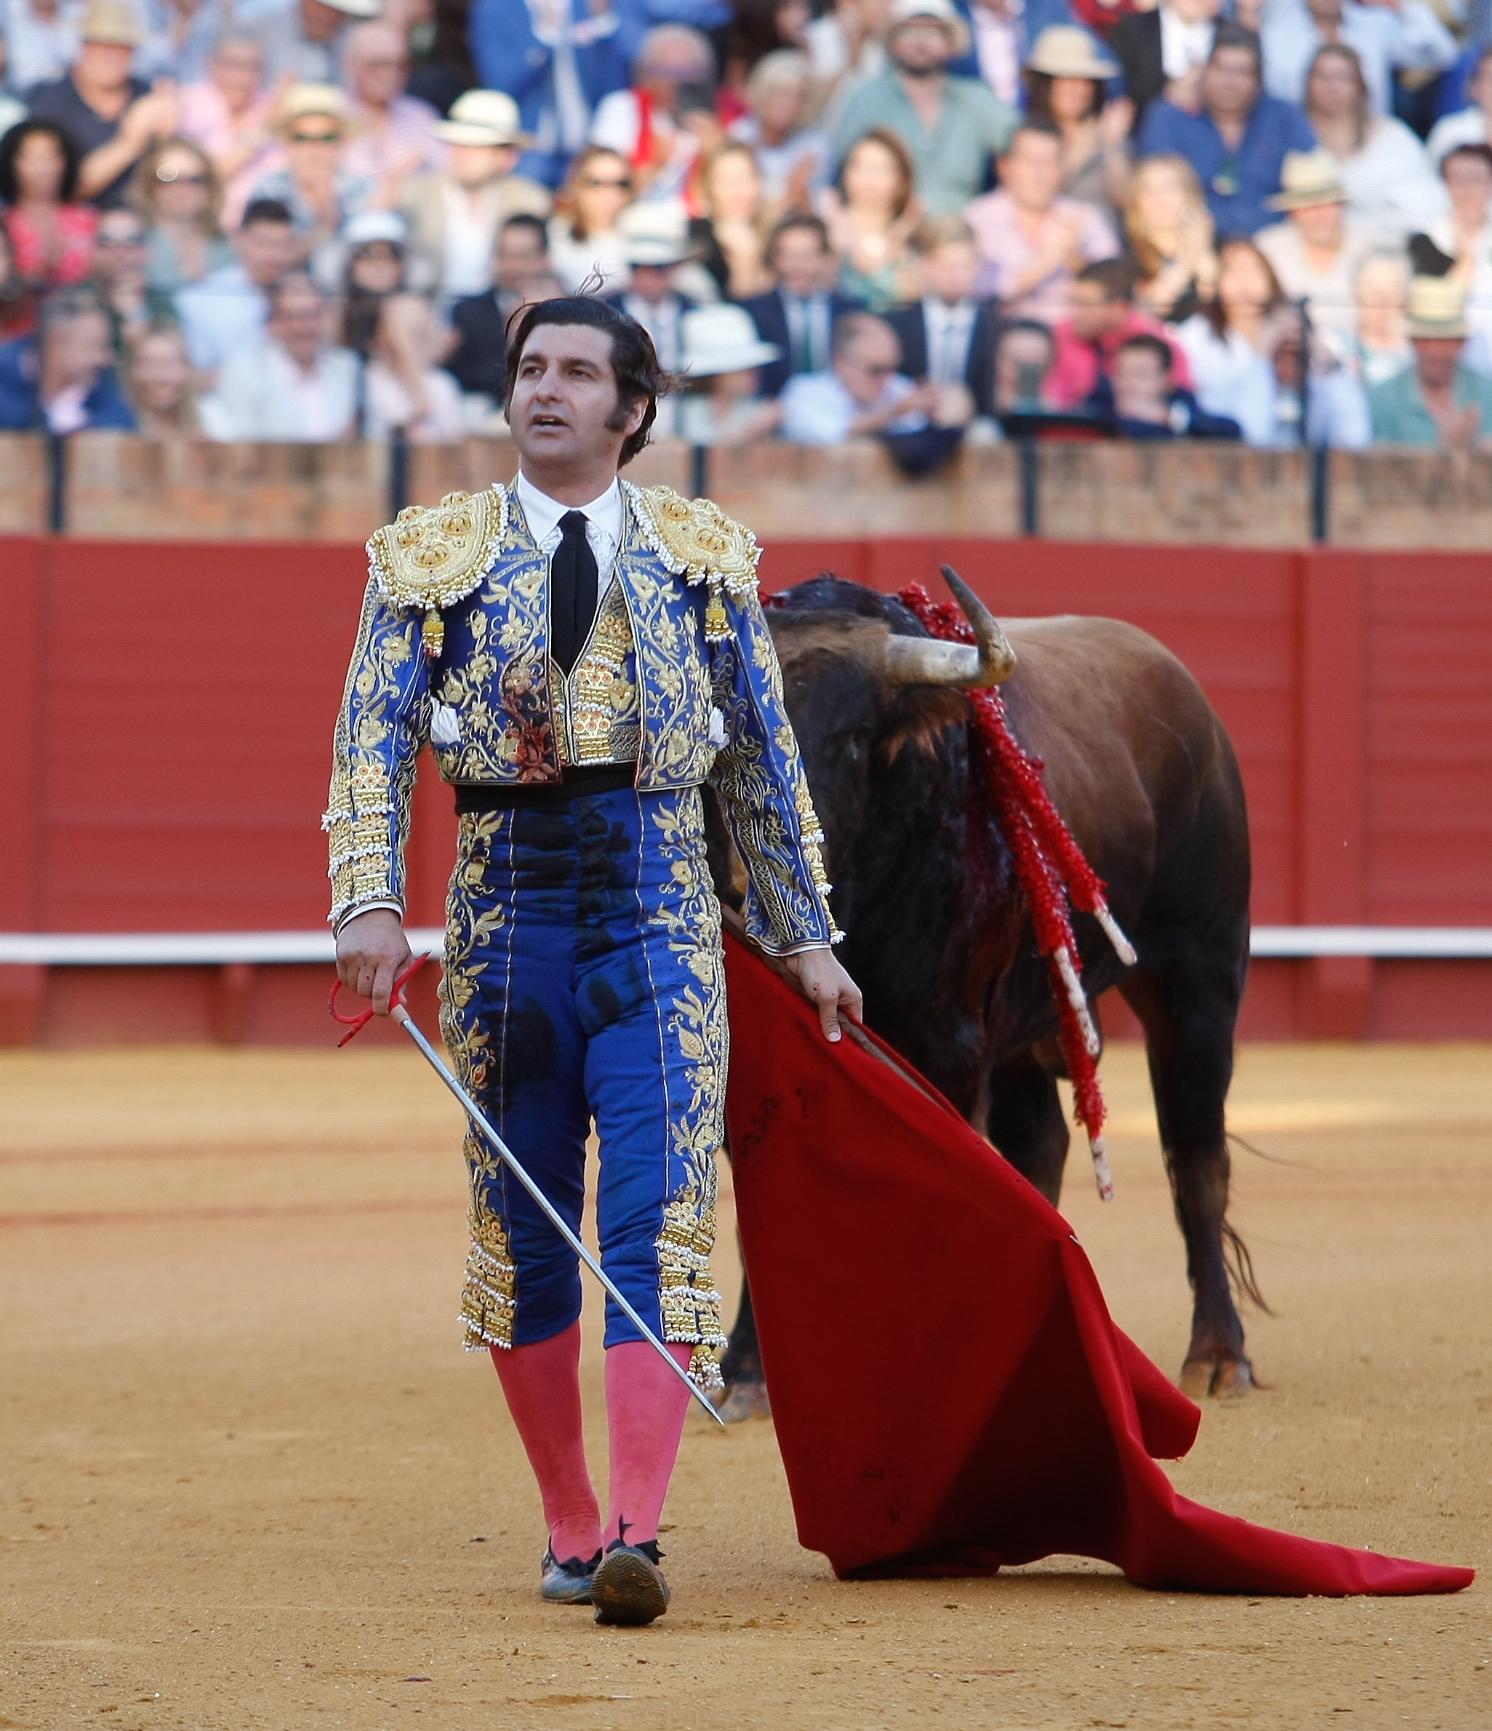 Feria de Abril 2019  Bullfighting Chronicles – Feria de Abril de